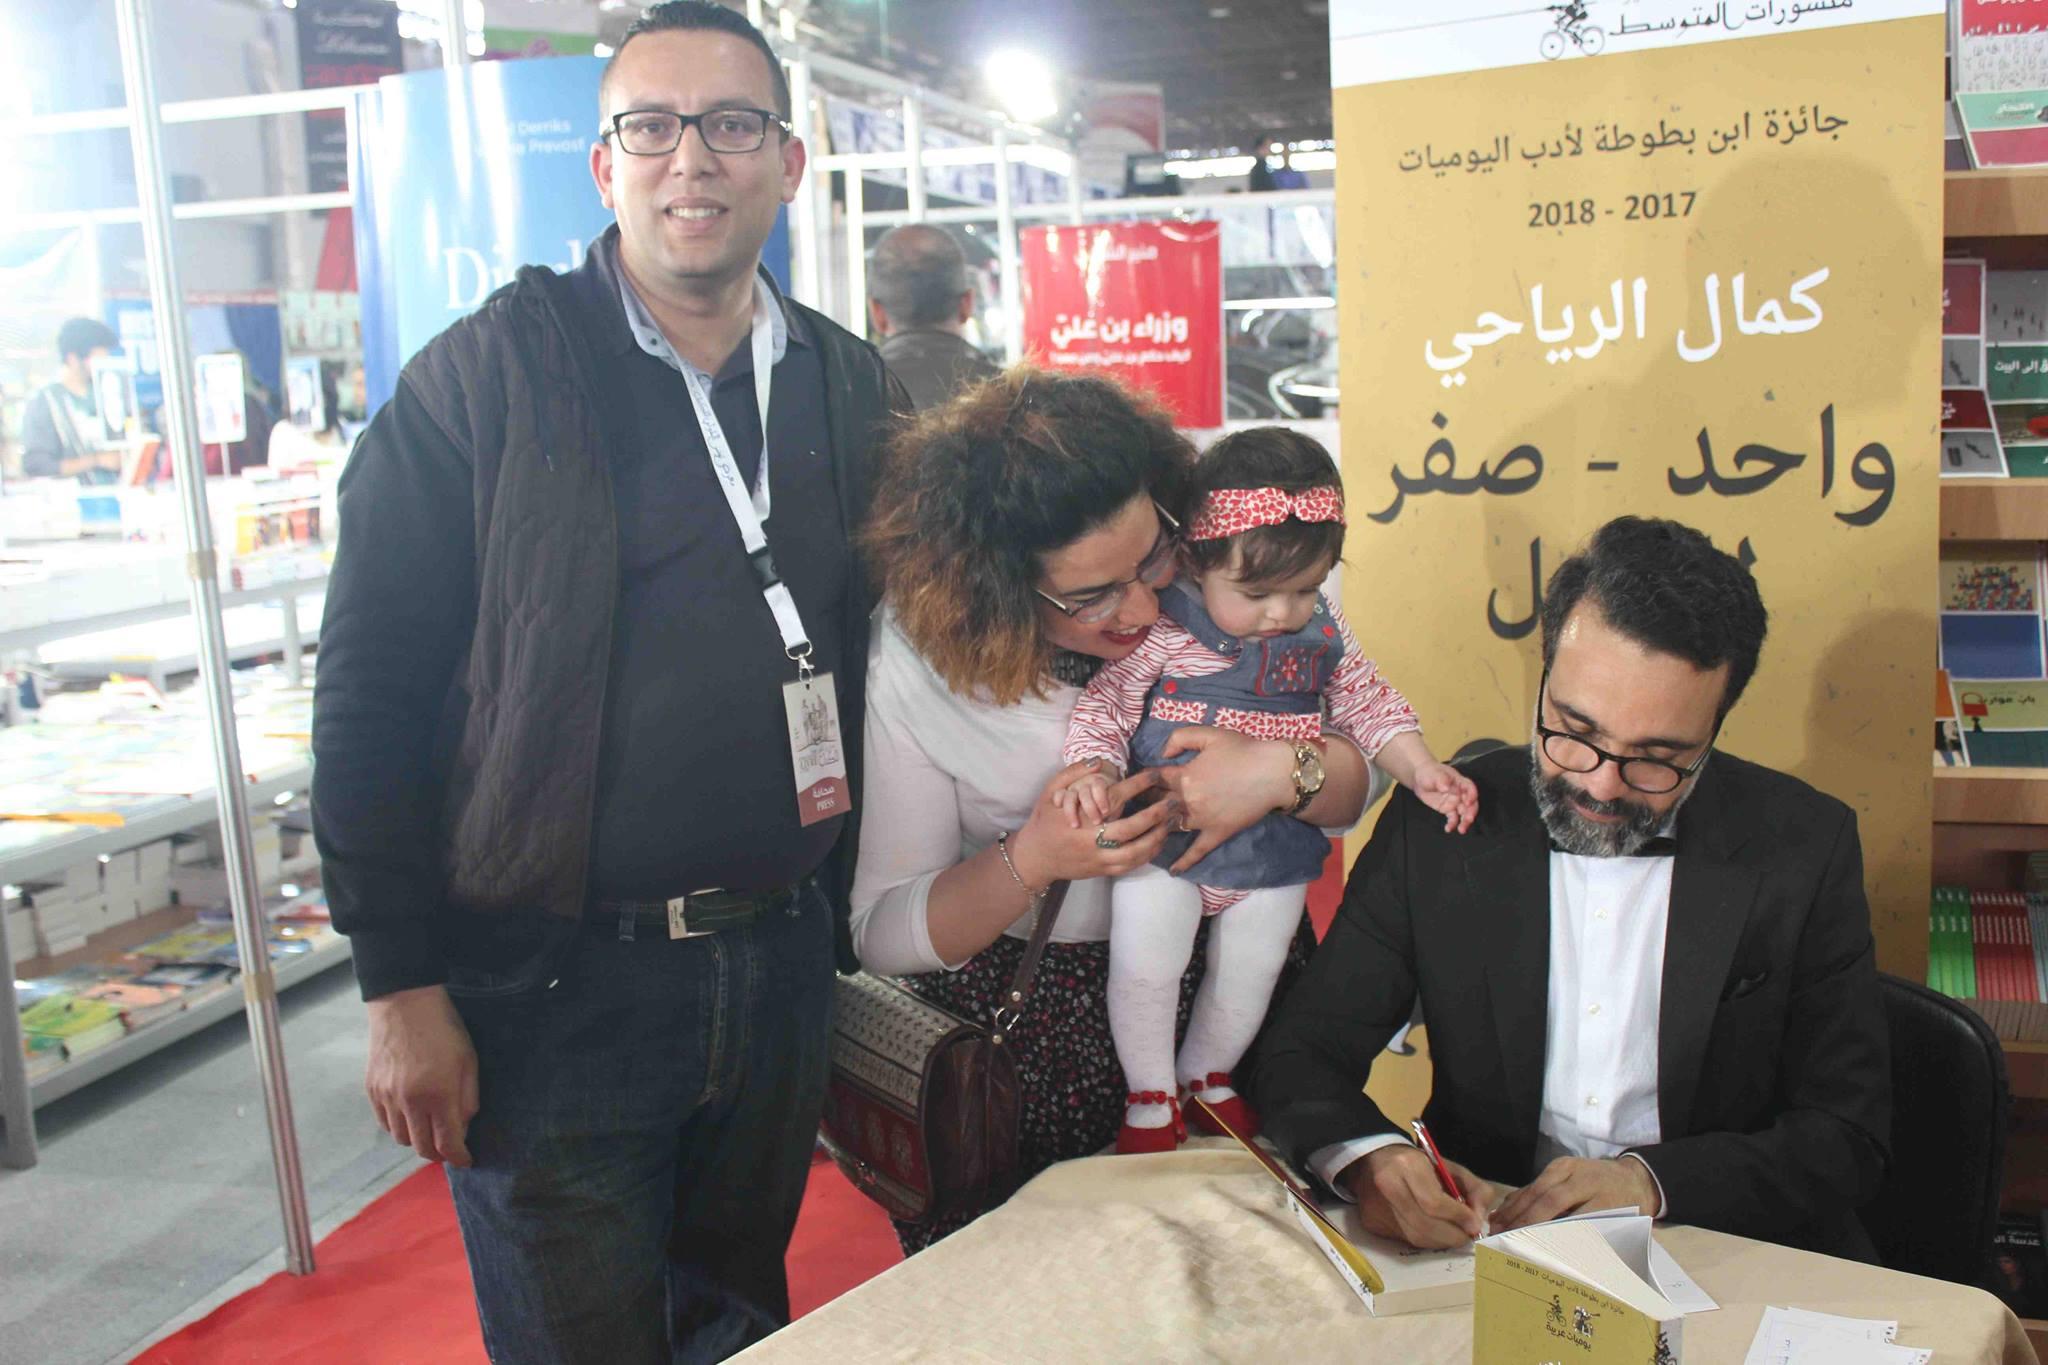 كمال الرياحى يوقع كتابه واحد صفر للقتيل الفائز بجائزة ابن بطوطة فى معرض تونس (10)